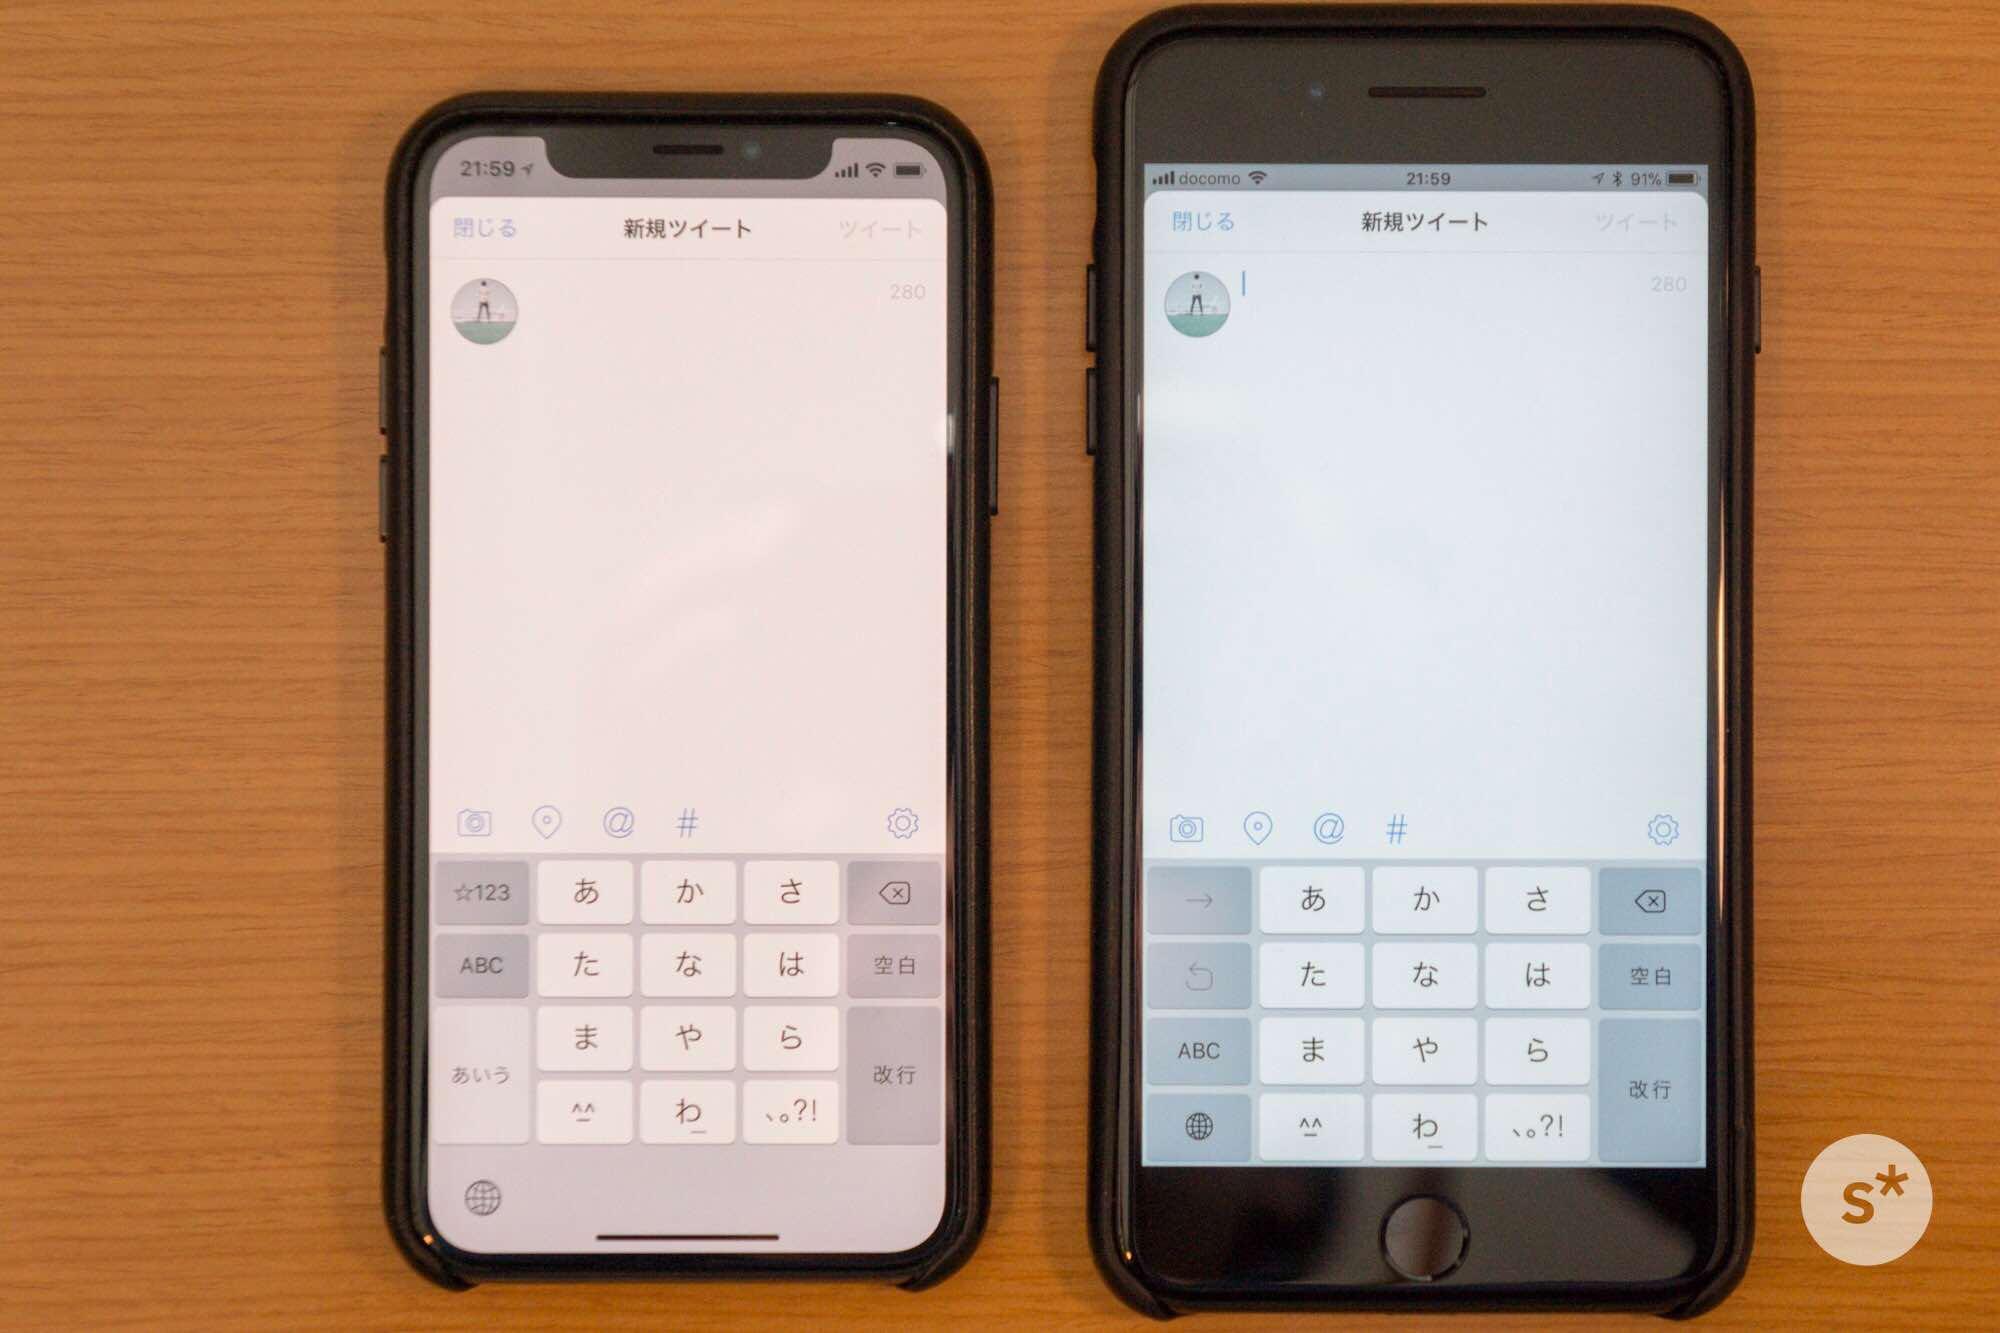 iPhone Xのフリック入力は両手には向かない。